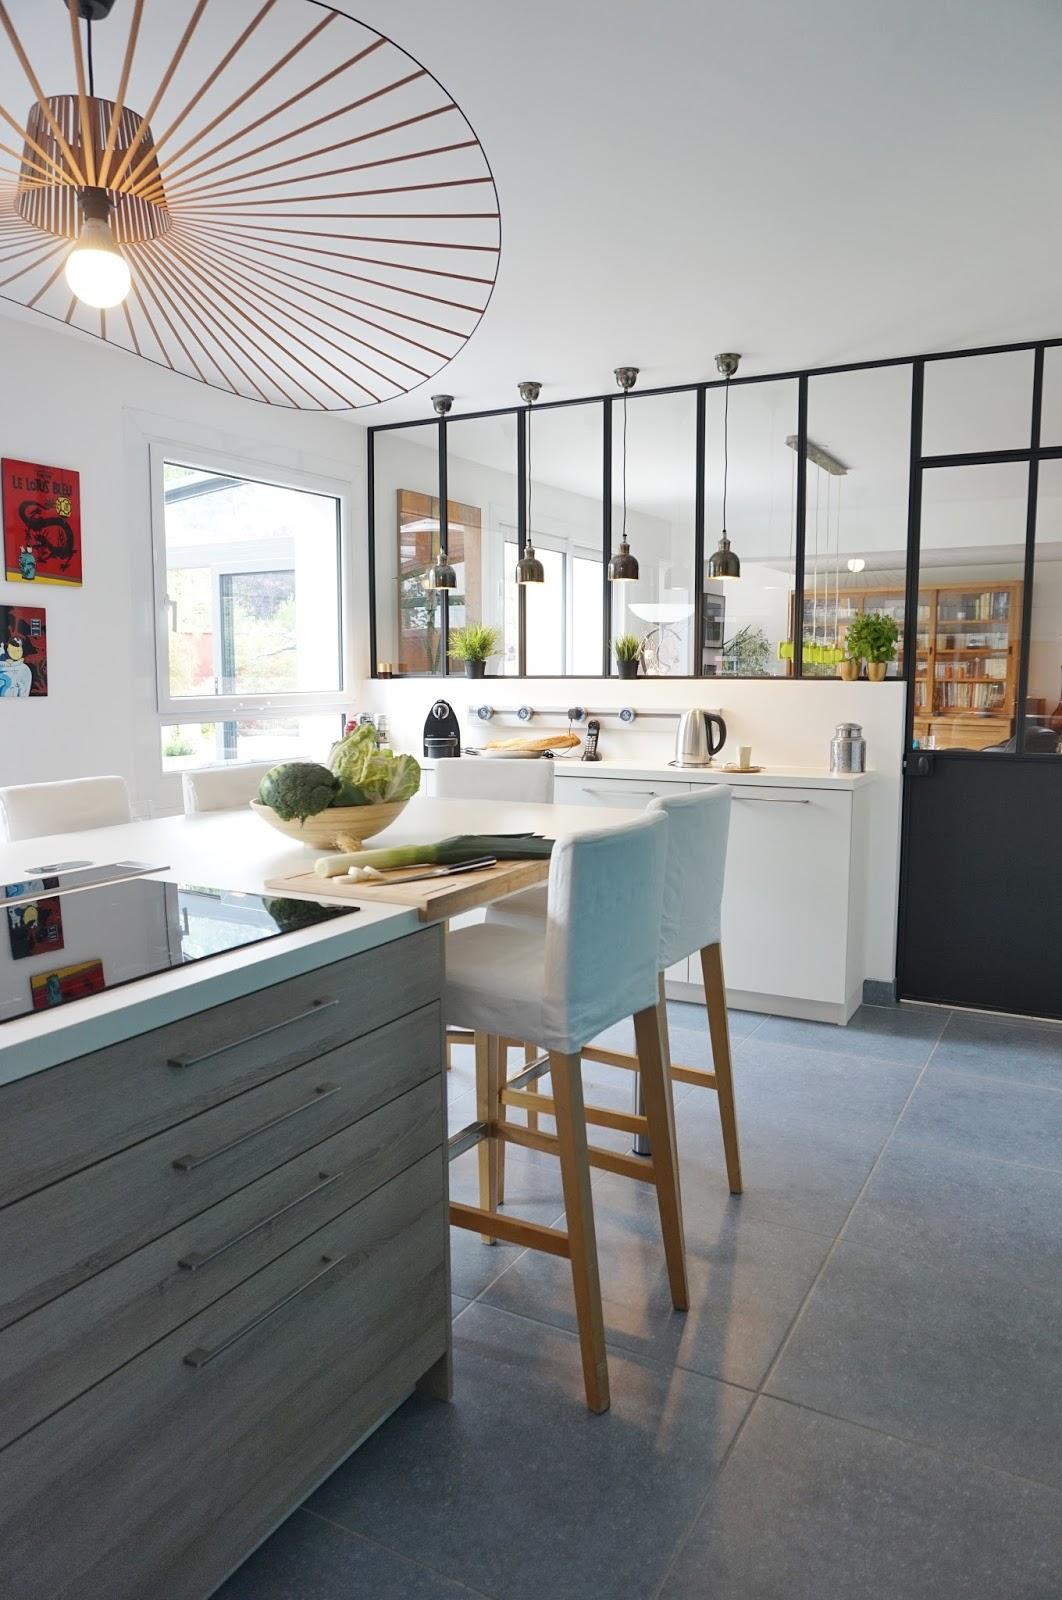 Adc l 39 atelier d 39 c t am nagement int rieur design d for Cacher une cuisine ouverte